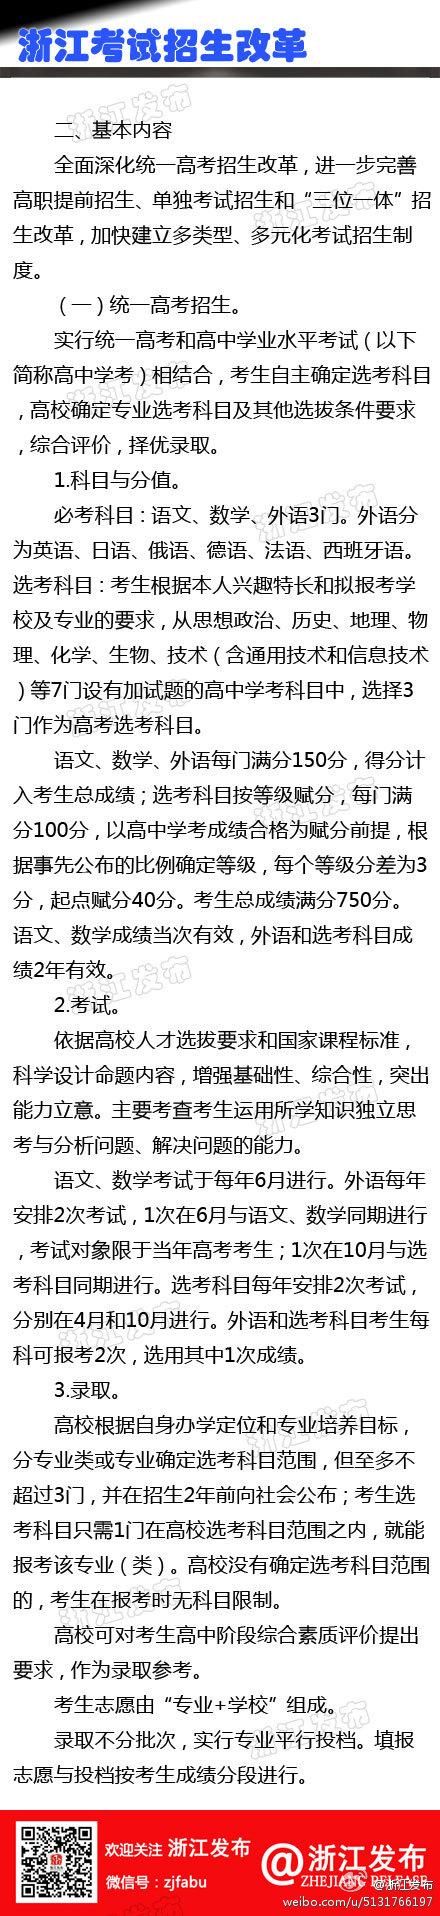 微信快3属于赌博吗,浙江高招制度综合改革试点方案(全文)